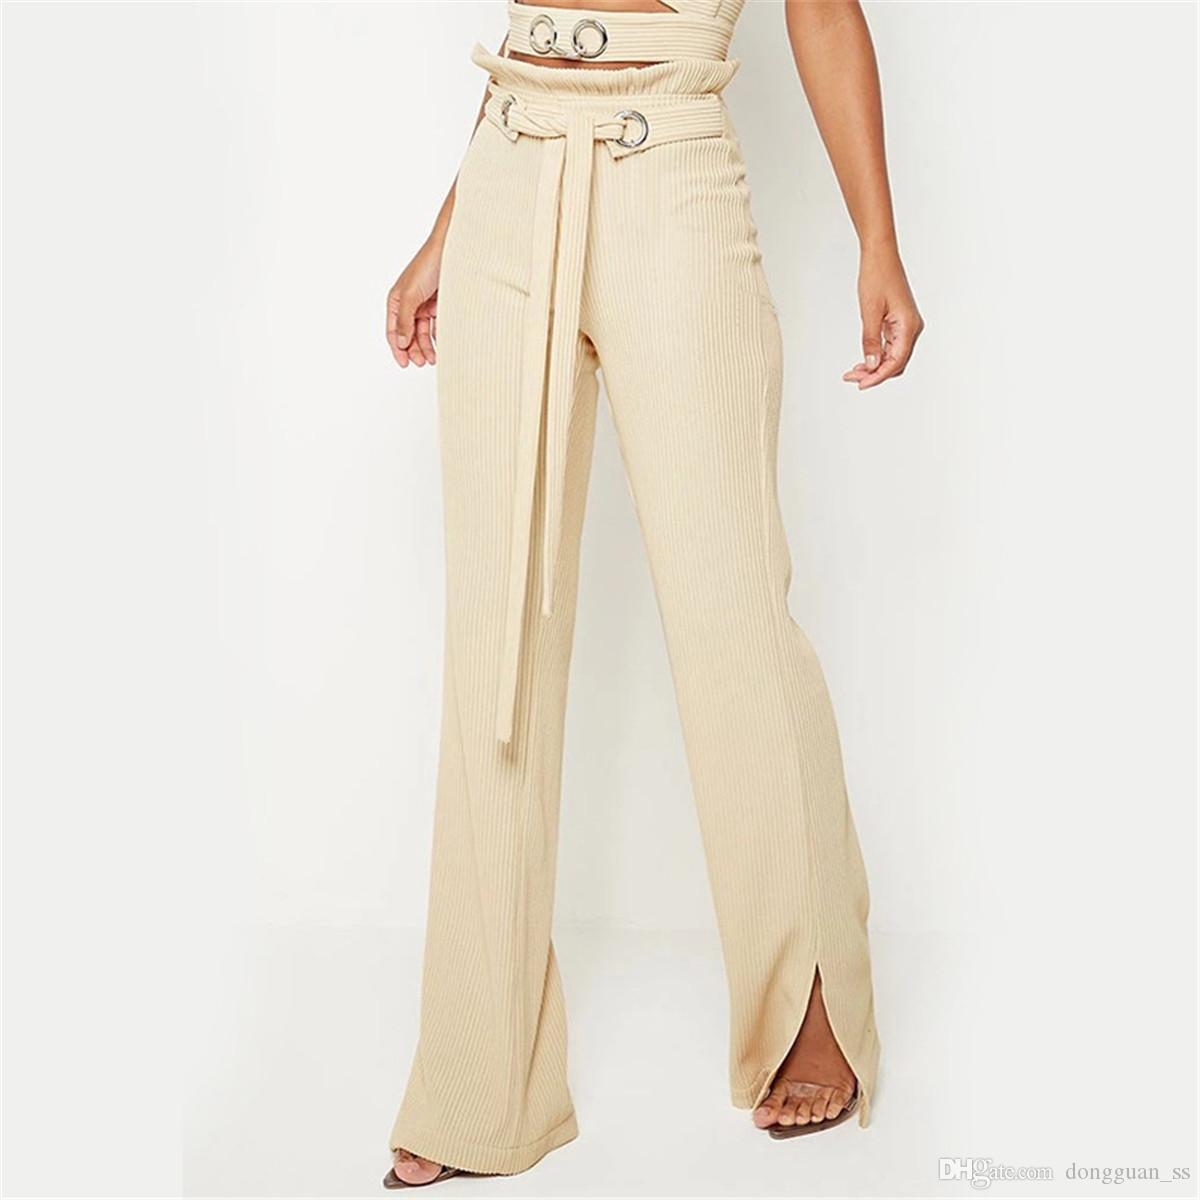 여성의 높은 허리 캐주얼 졸라 매는 끈 통바지 캐주얼 바닥 슬릿 벨 붕대 레이스 업 허리띠 코듀로이 플레어 바지